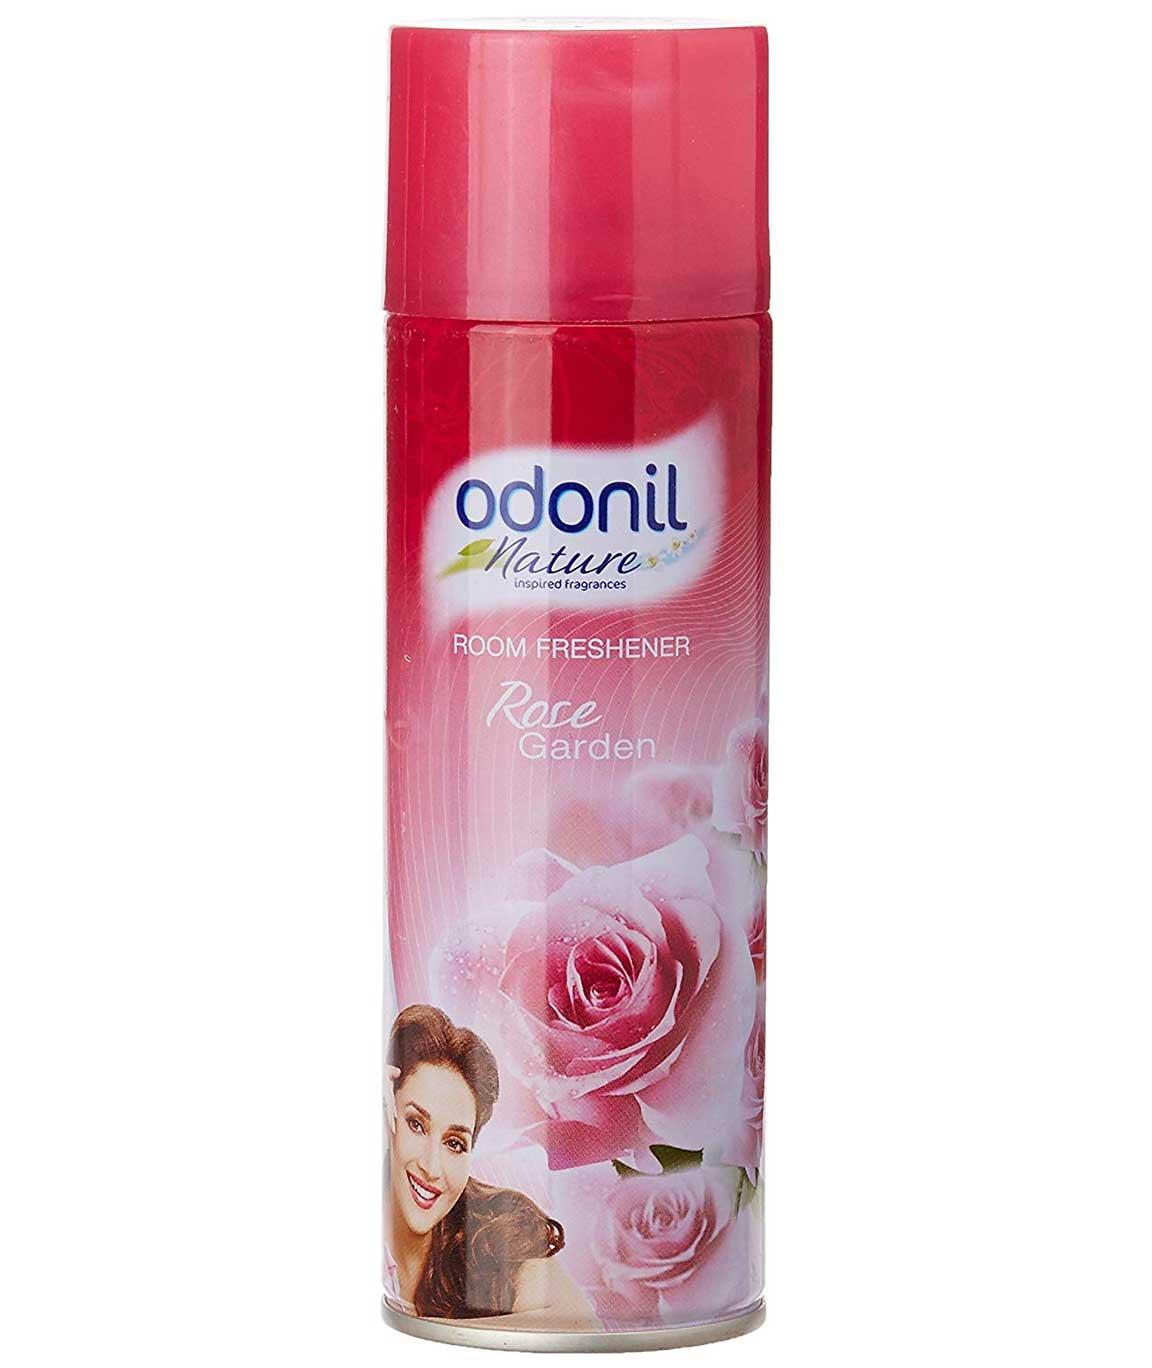 Odonil Room Spray Home Freshener 140gm Rose